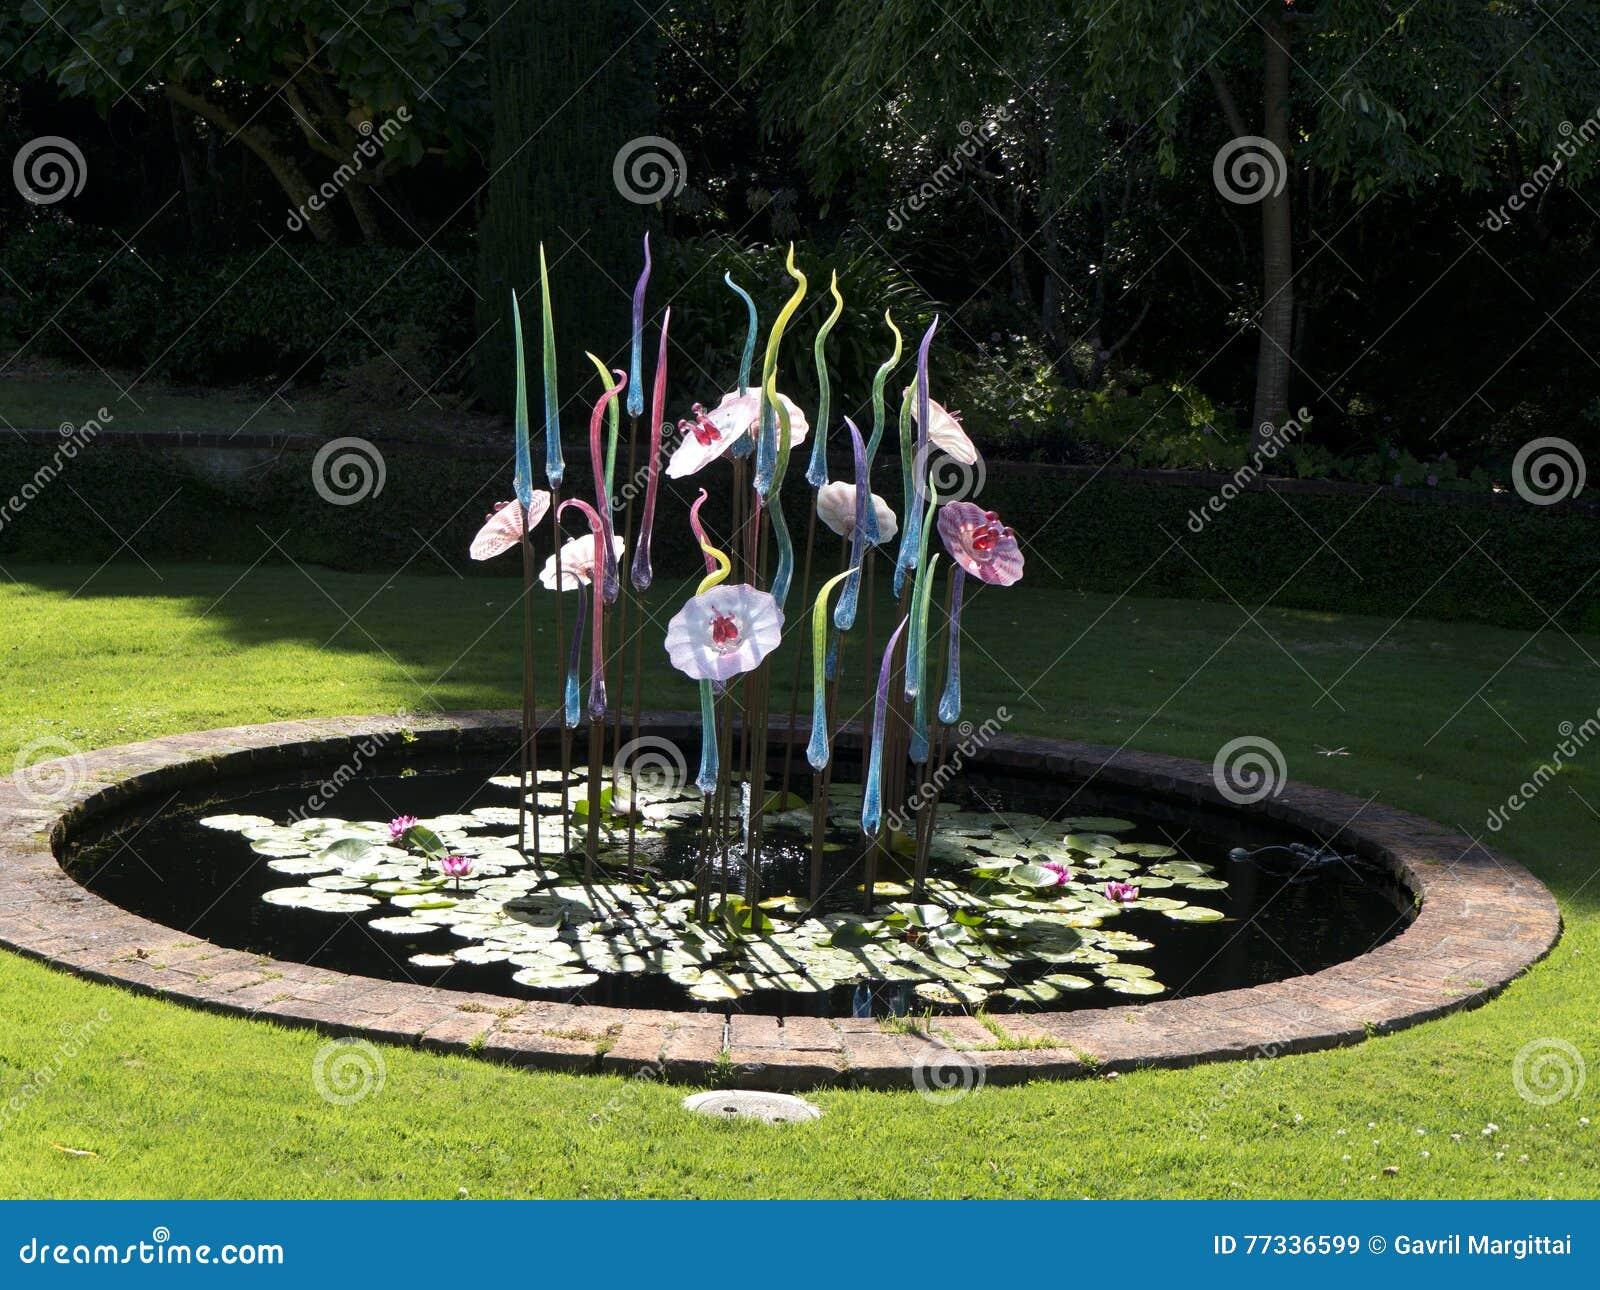 Sculture di vetro in uno stagno immagine stock immagine for Sculture di fiori